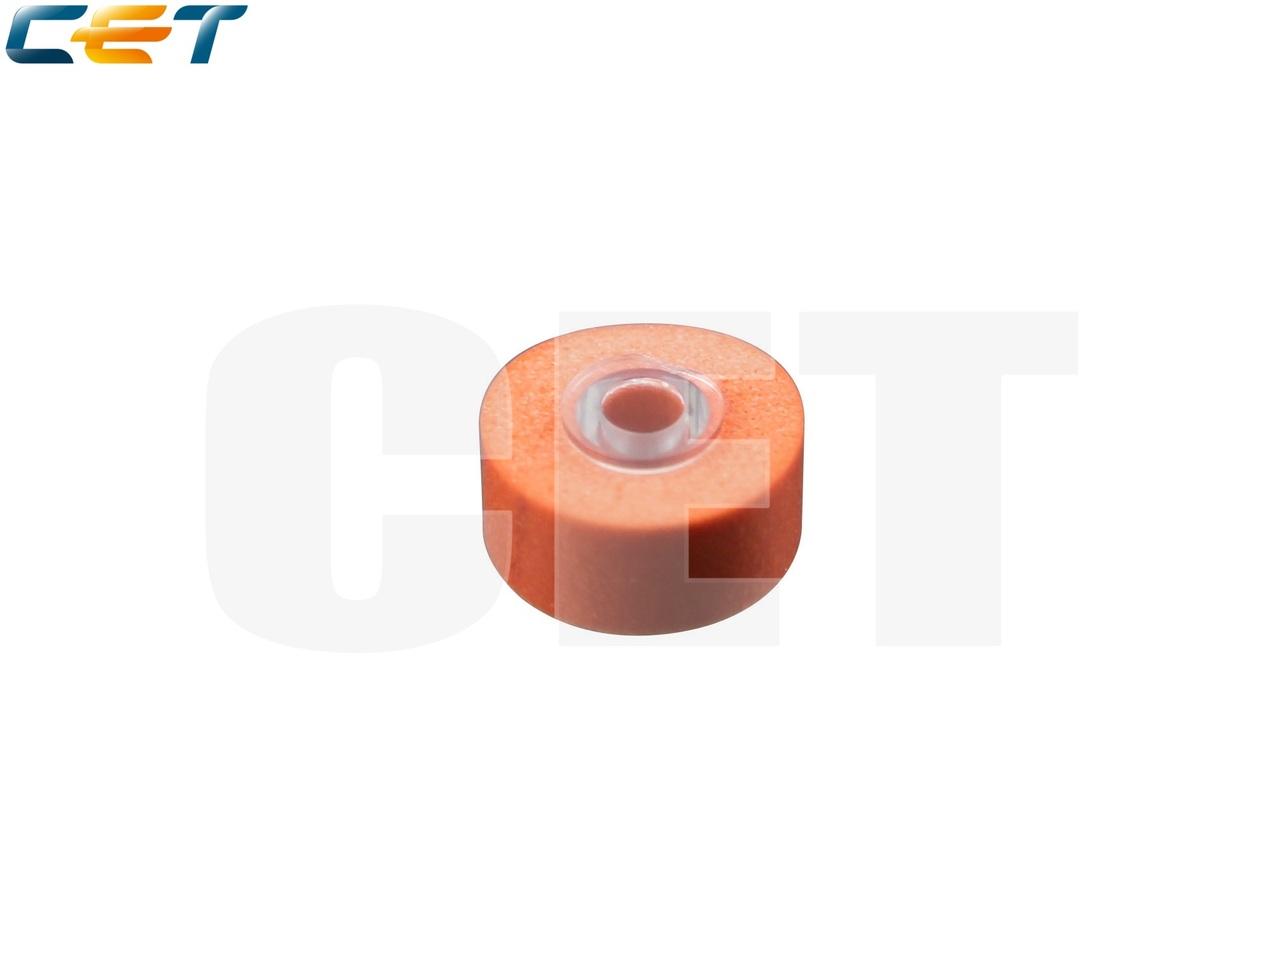 Ролик-натяжитель фьюзера (Positioned) 4030-5854-01 дляKONICA MINOLTA Bizhub 200/250/350 (CET), CET7064